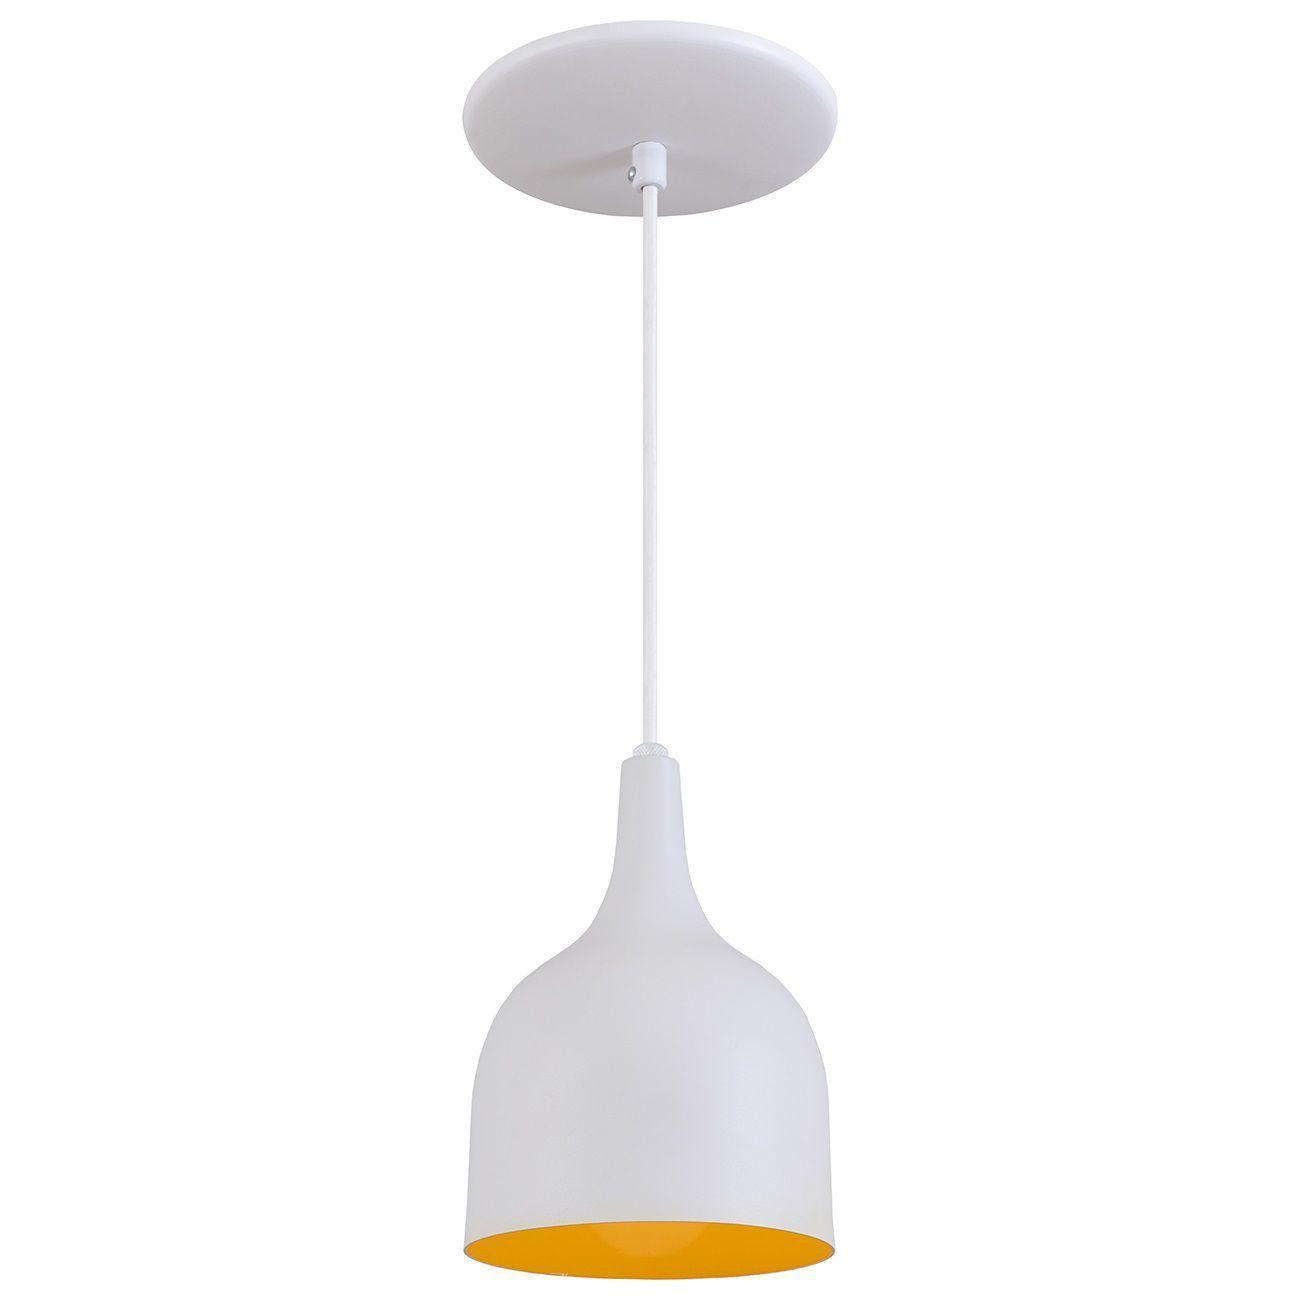 Pendente Gota Teat Luminária Lustre Alumínio Branco Textura C/ Amarelo - Rei Da Iluminação